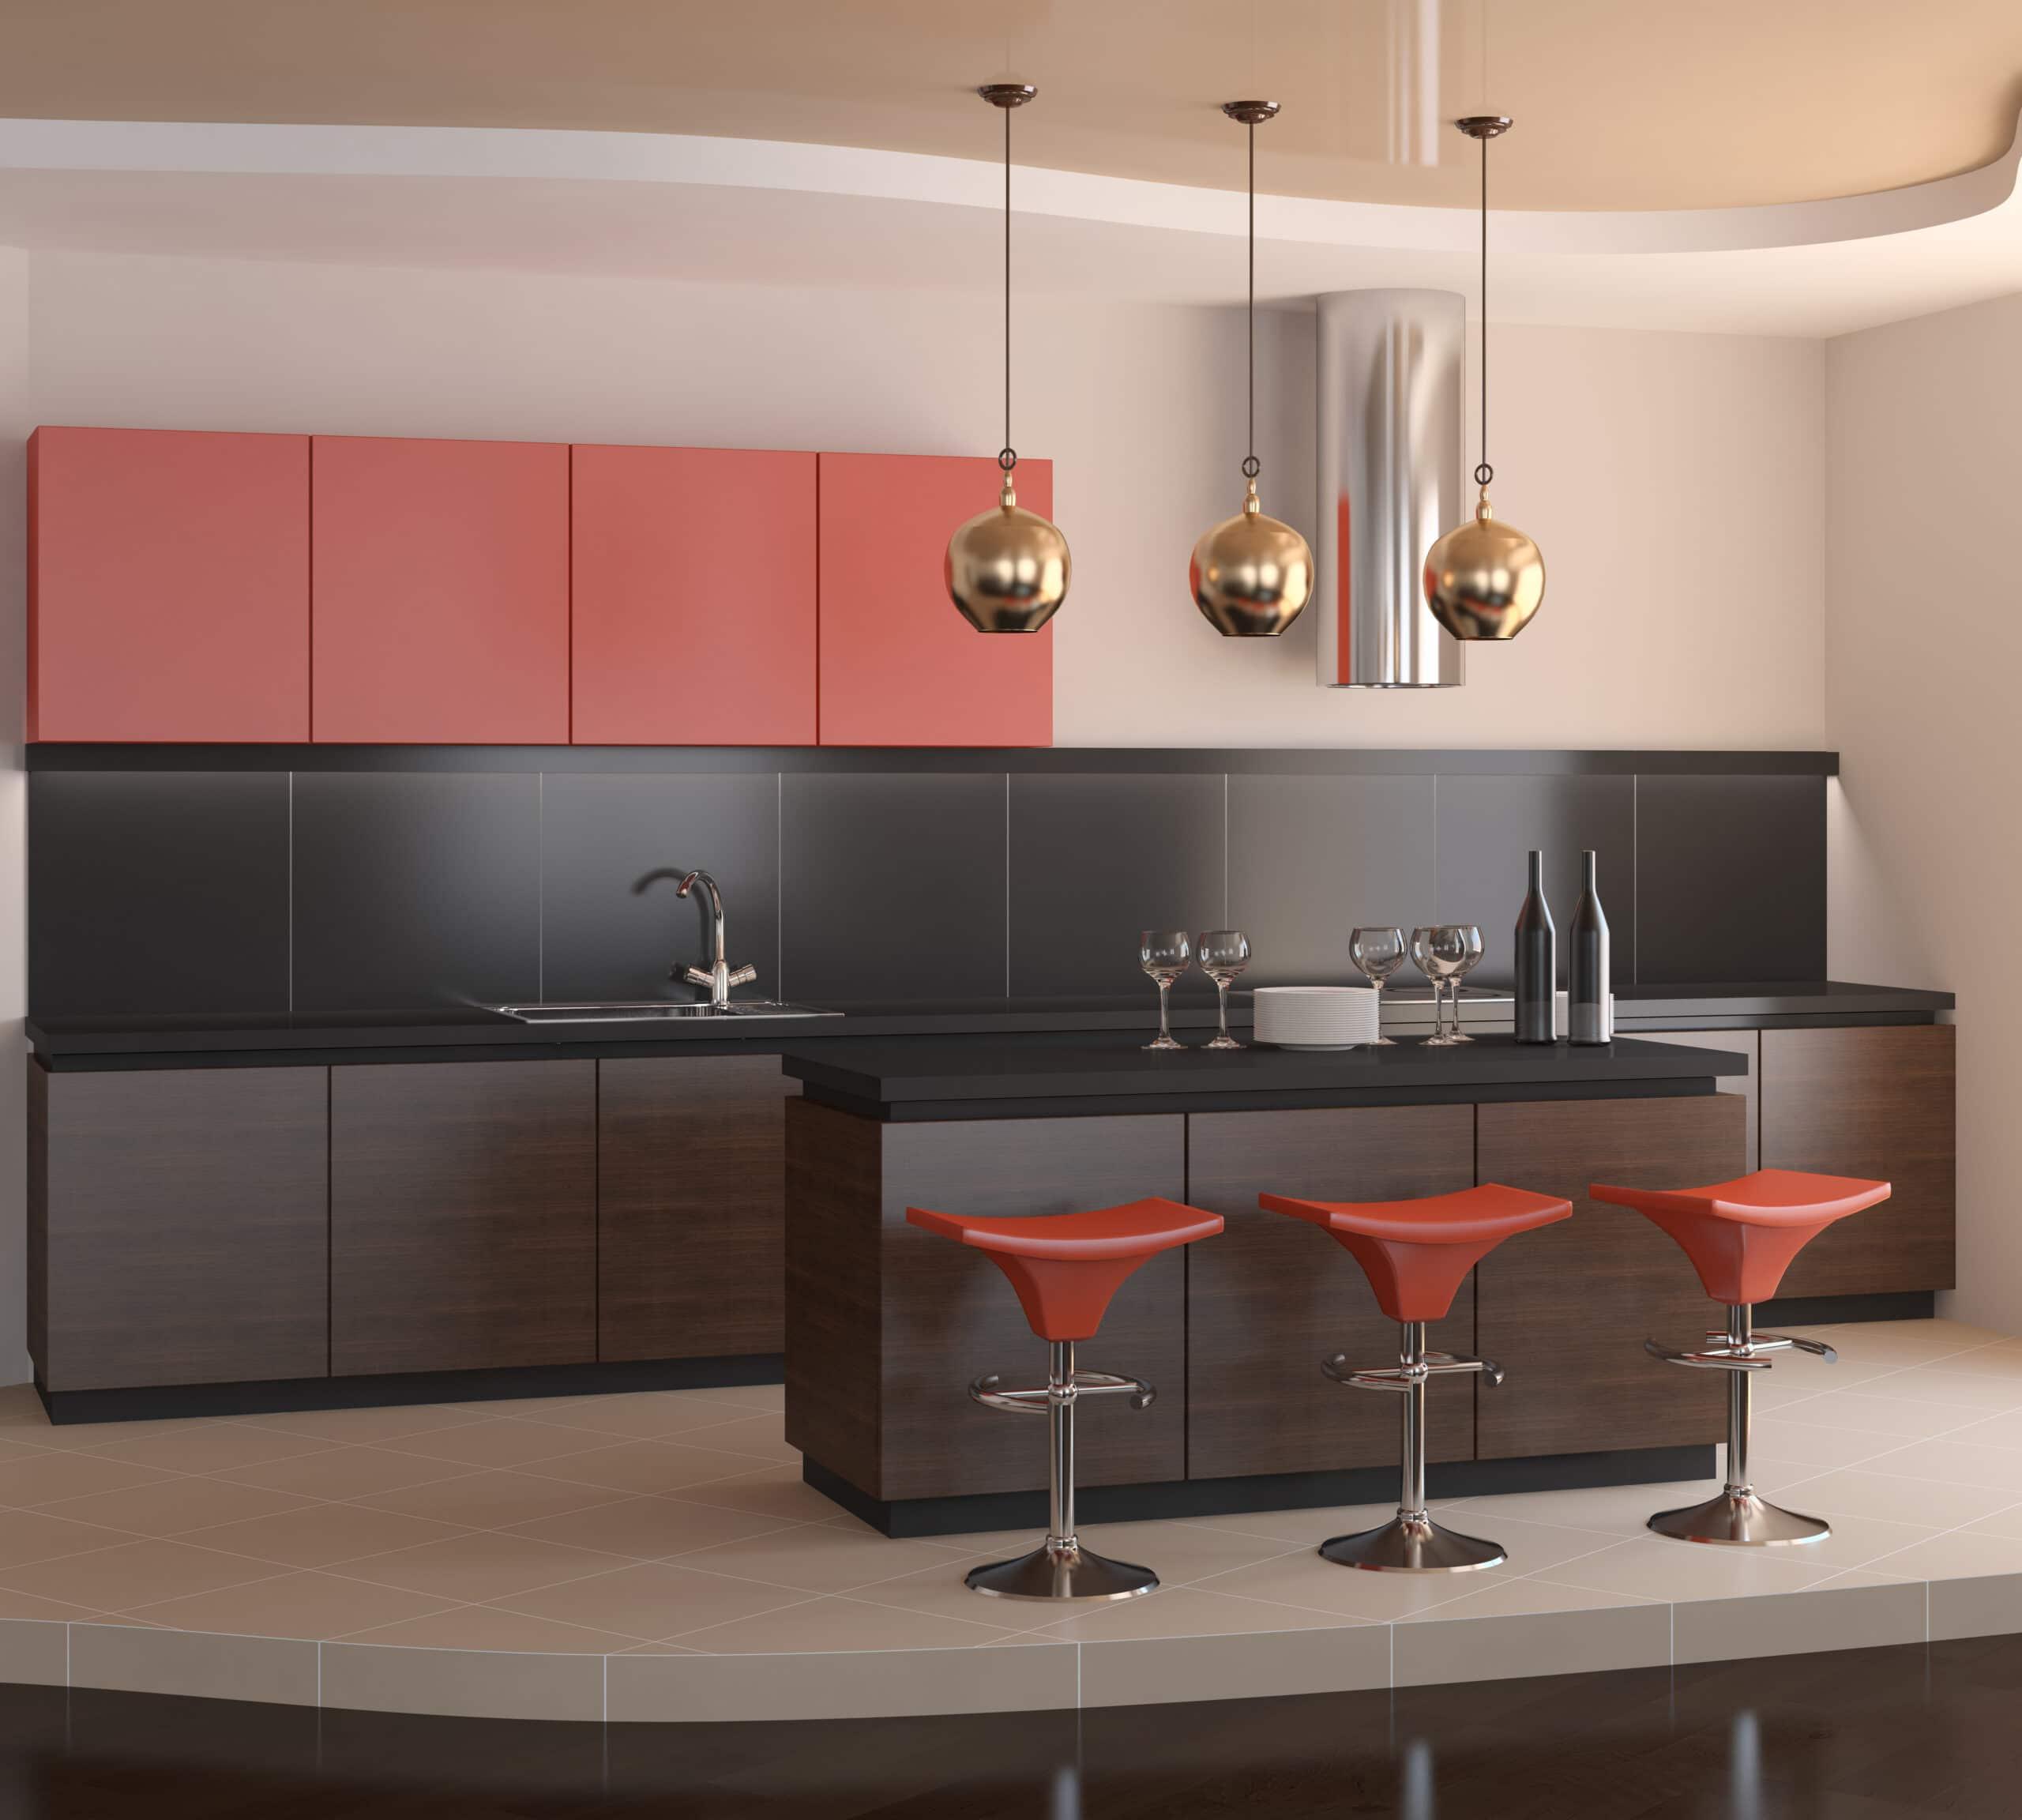 מטבחים מעץ חברות לעיצוב וייצור מטבחי עץ ממש מקצועיים עם הרבה ניסיון שיודעים לבנות ולהתאים מטבחים במקביל להפעלת המקרר והתנור ללקוח במטבח שלו